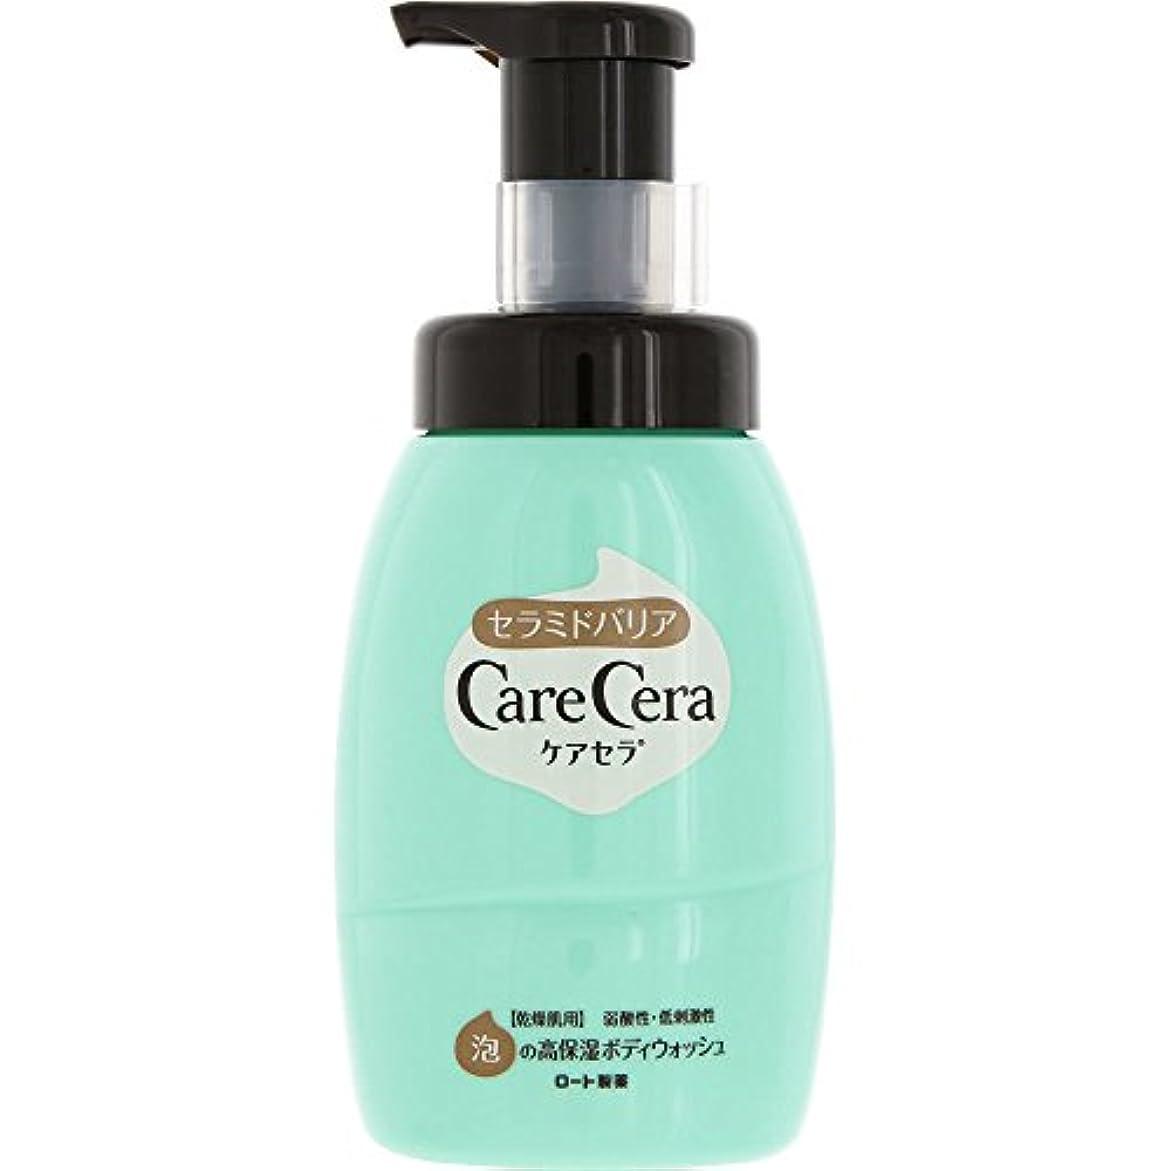 フィッティング共和党復讐ケアセラ(CareCera) ロート製薬 ケアセラ  天然型セラミド7種配合 セラミド濃度10倍泡の高保湿 全身ボディウォッシュ ピュアフローラルの香り お試し企画品 300mL